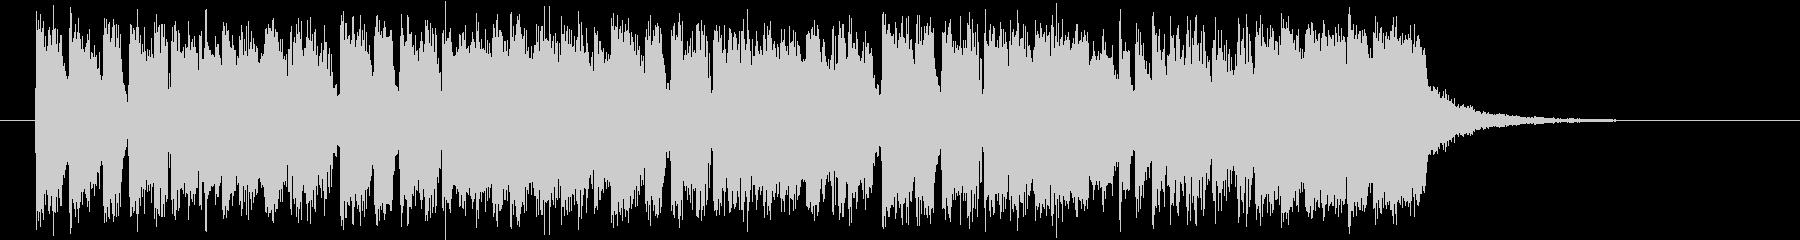 ディスコ調のテクノバンドのジングルの未再生の波形